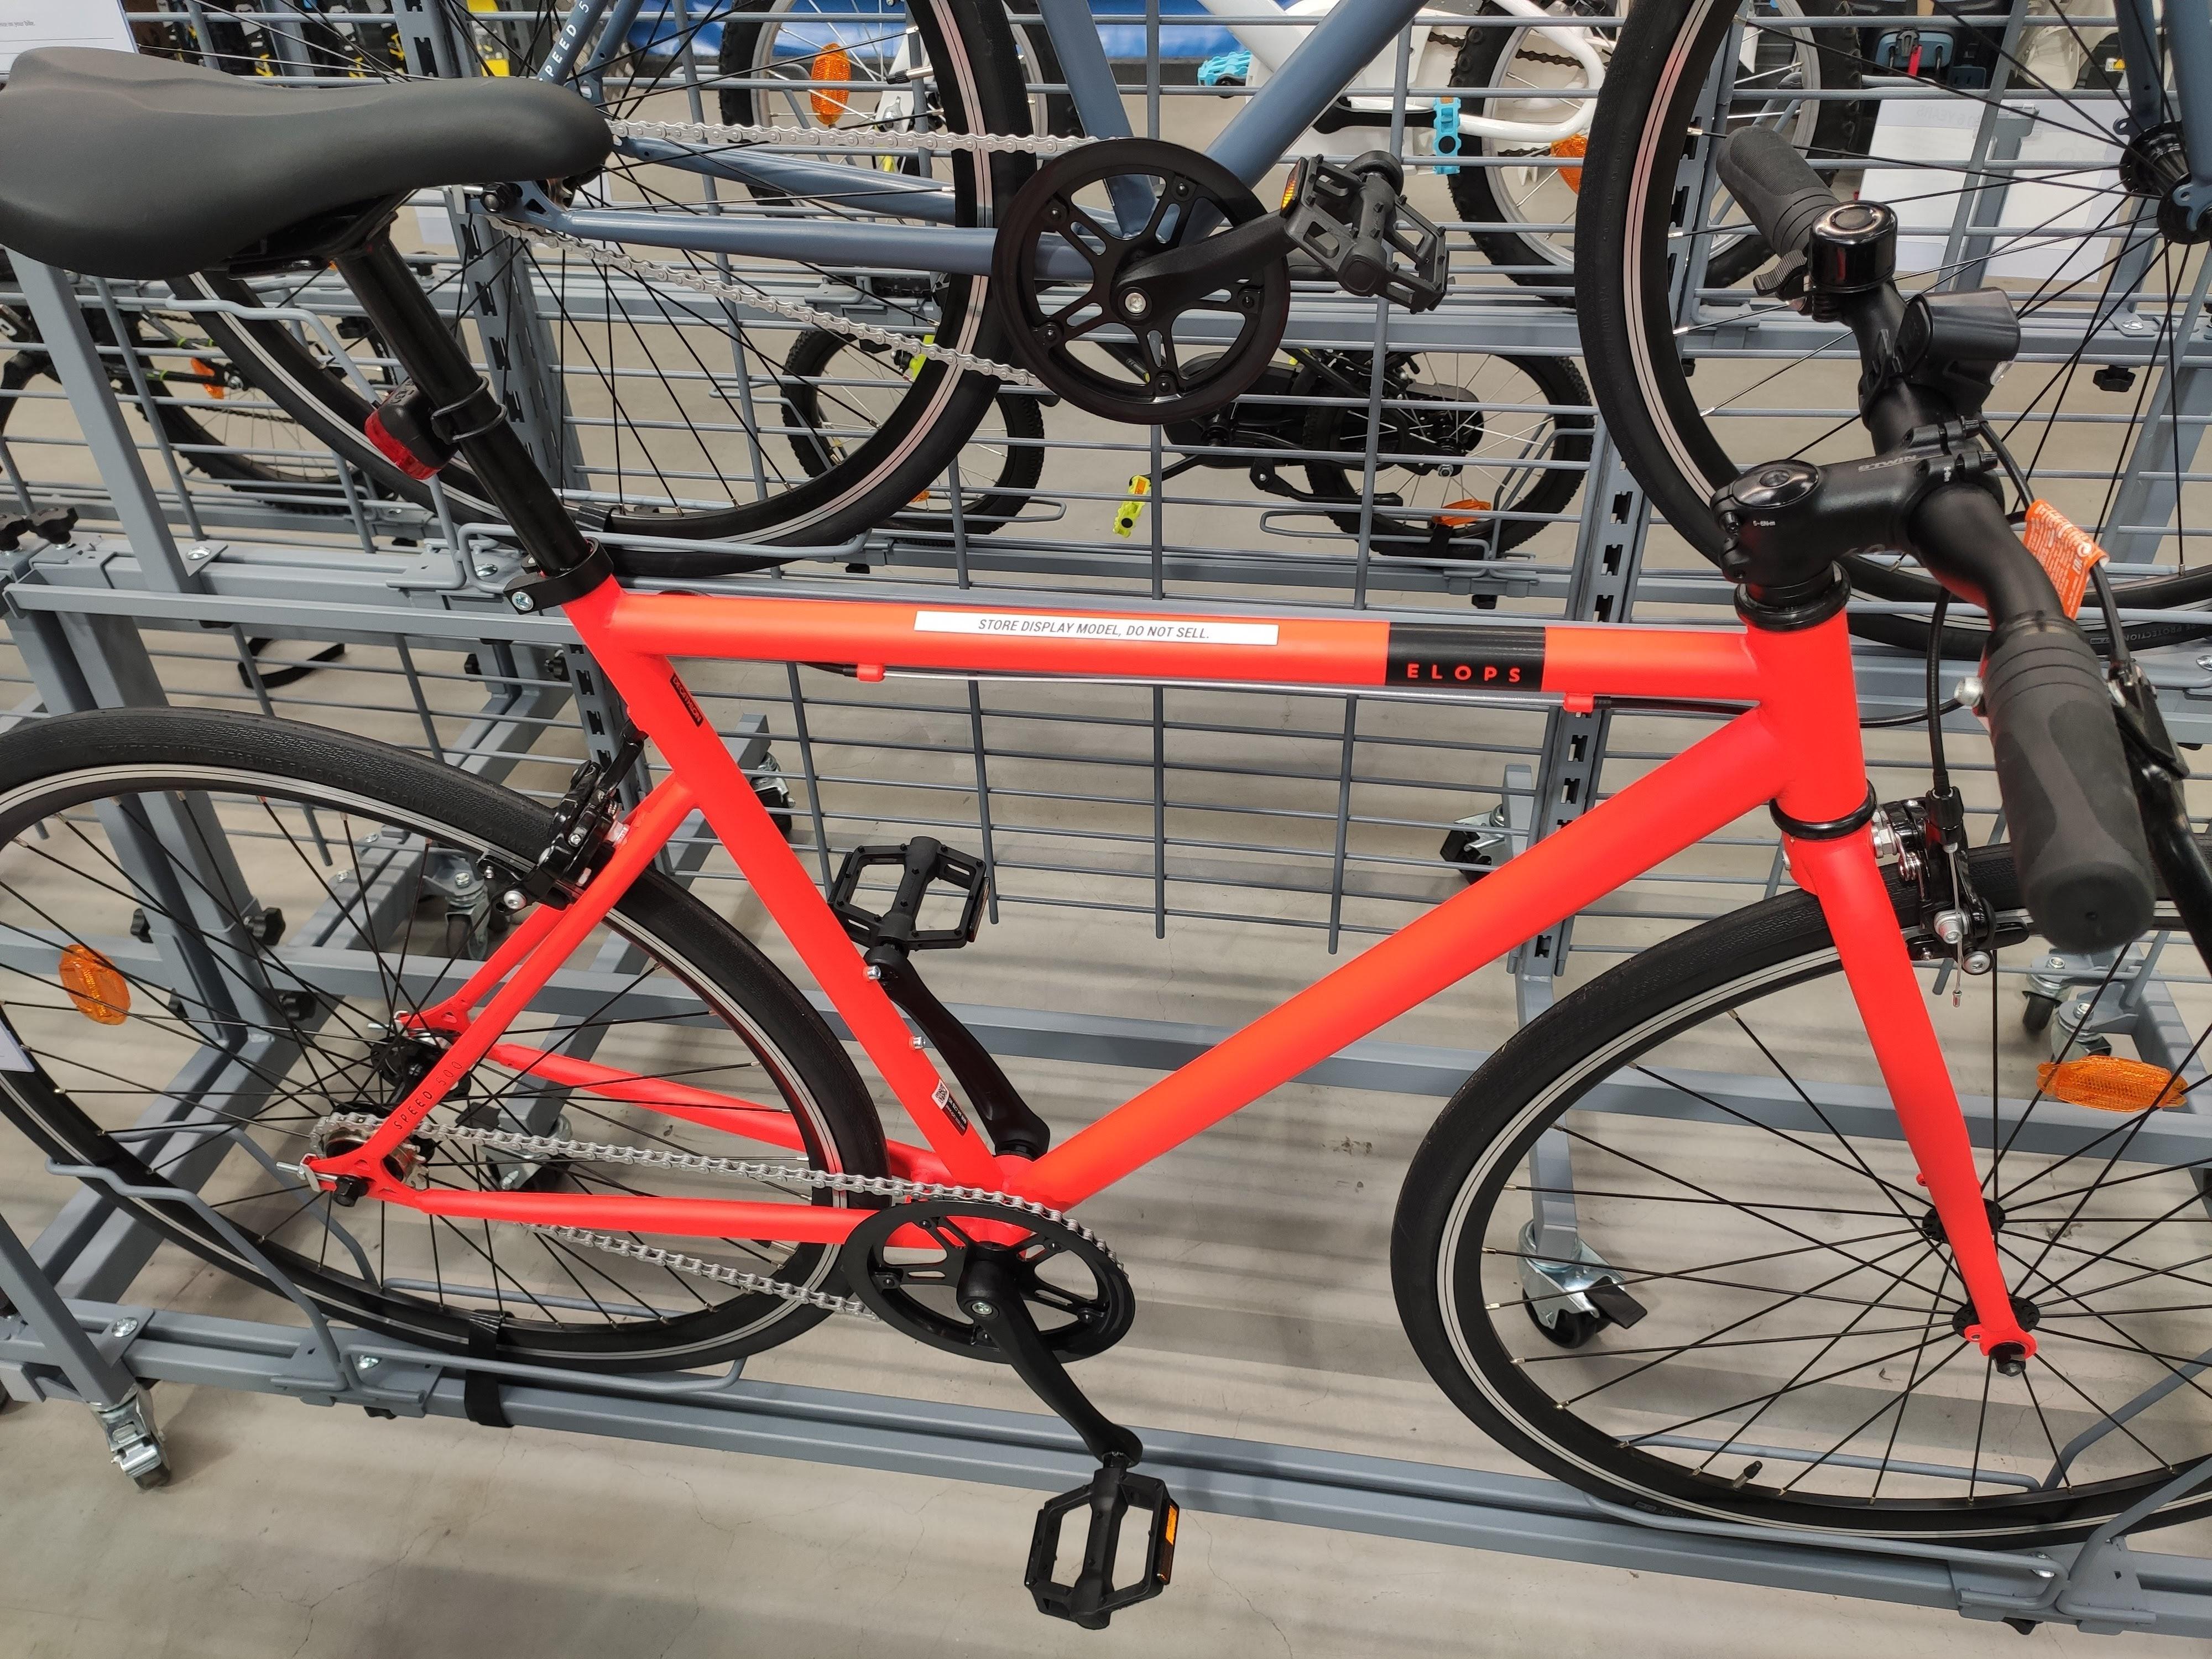 Decathlon Elops 500 tracklocross bike